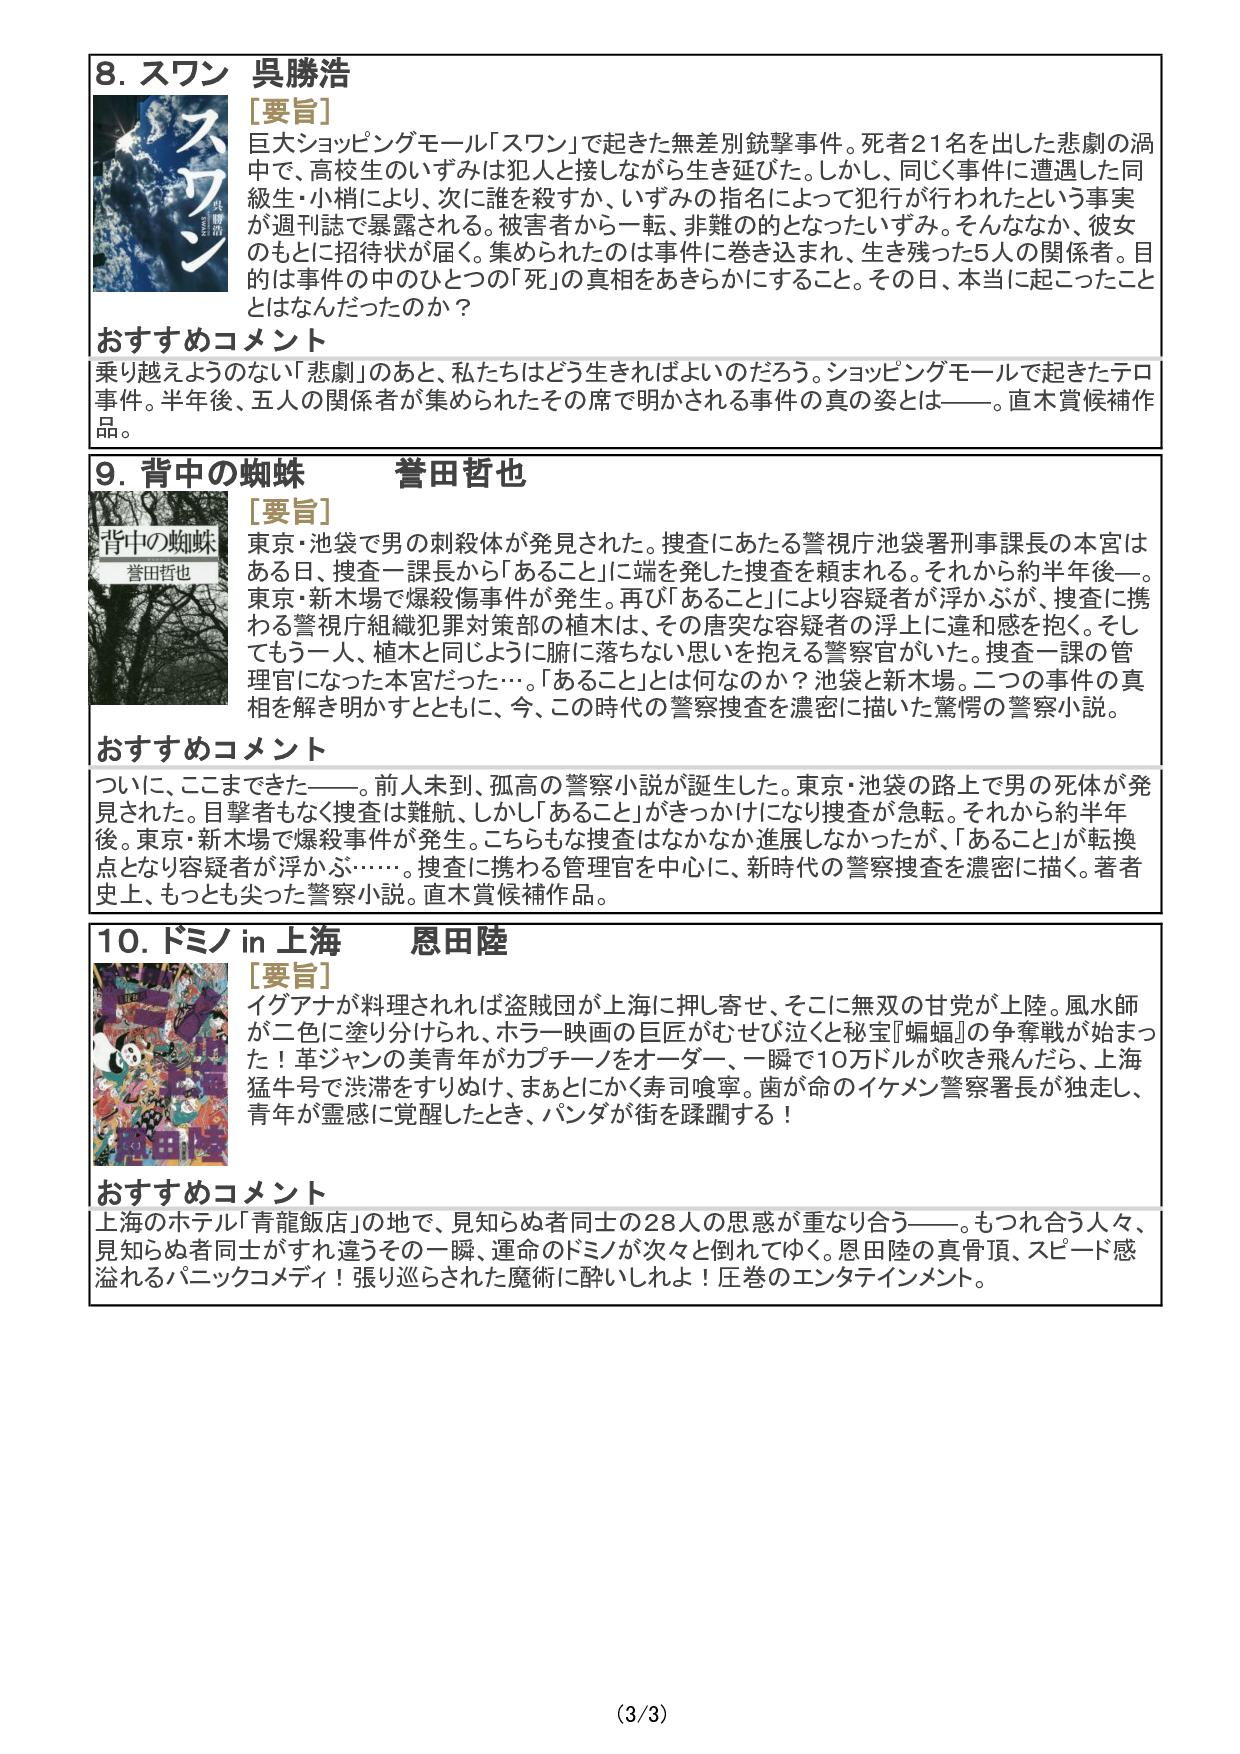 配架本参考情報2019_p003